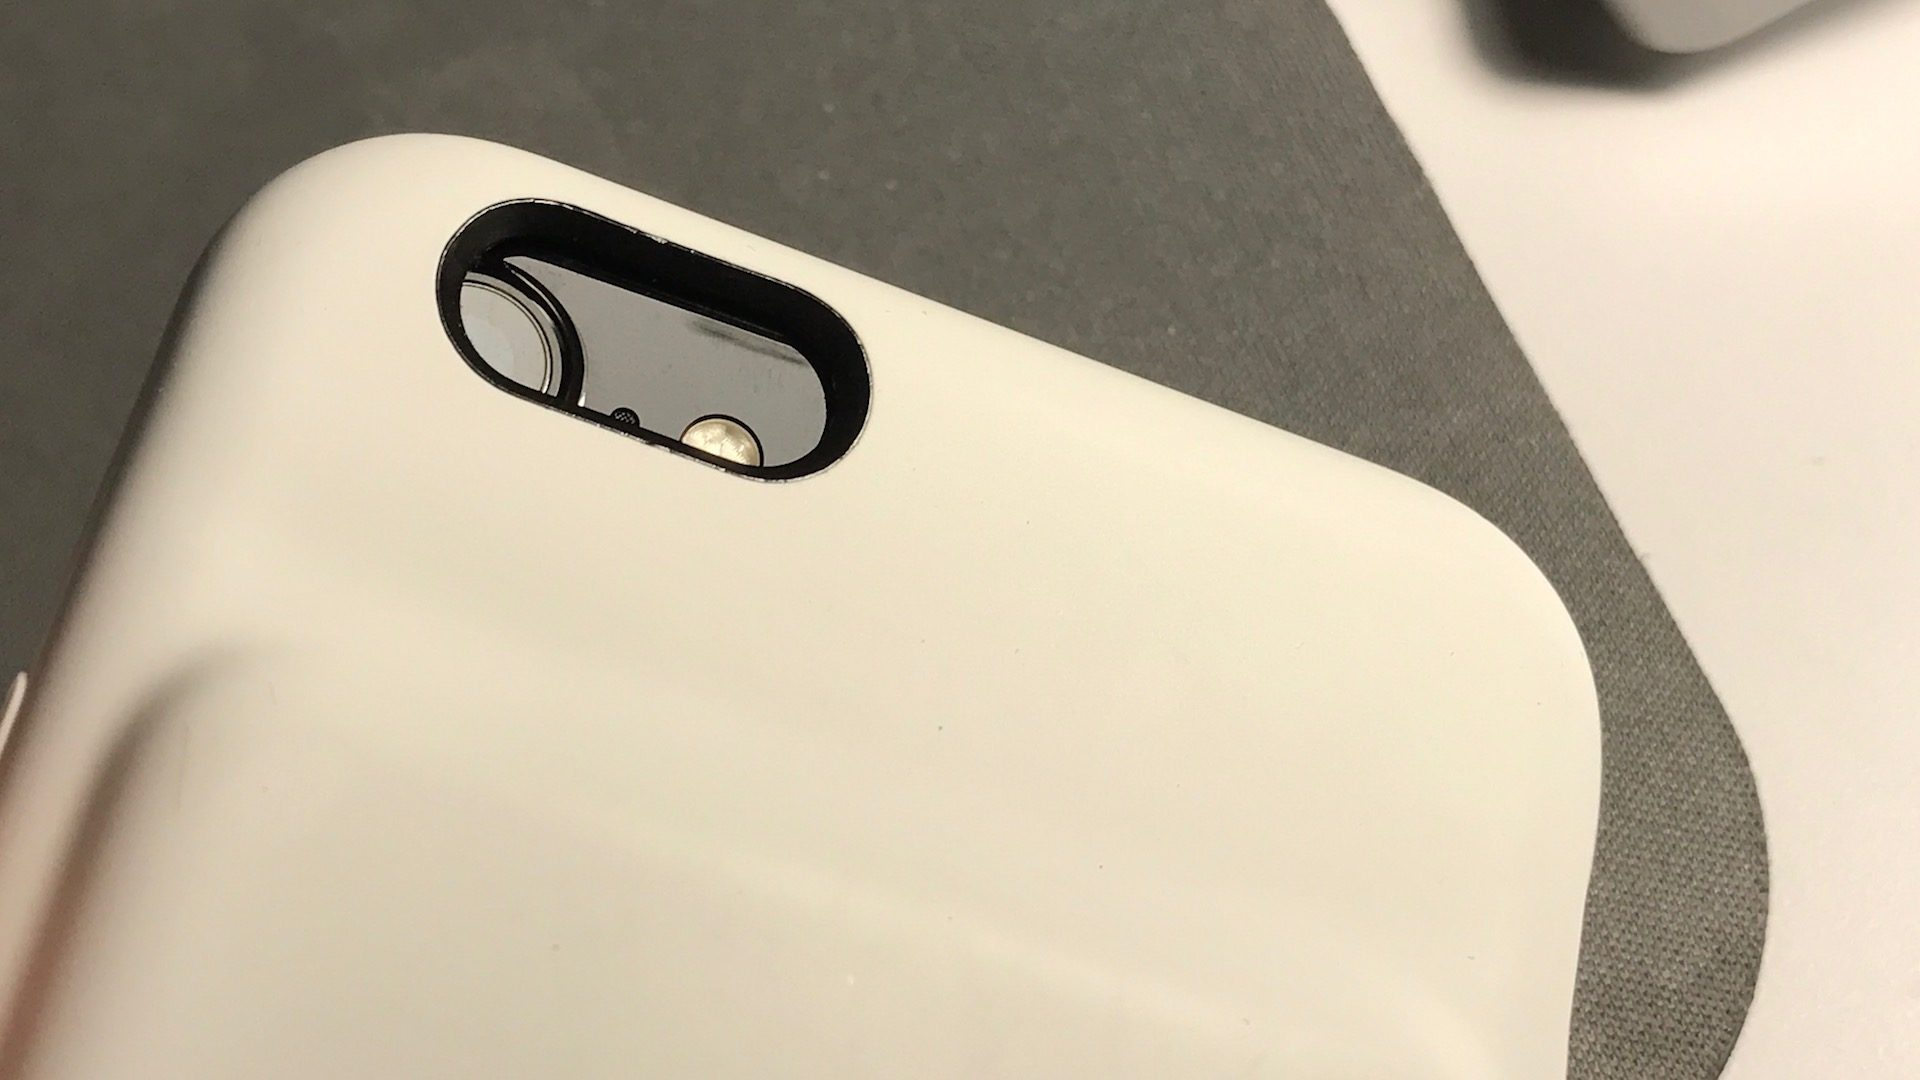 Чехол от iPhone 6S, который надет на iPhone 7